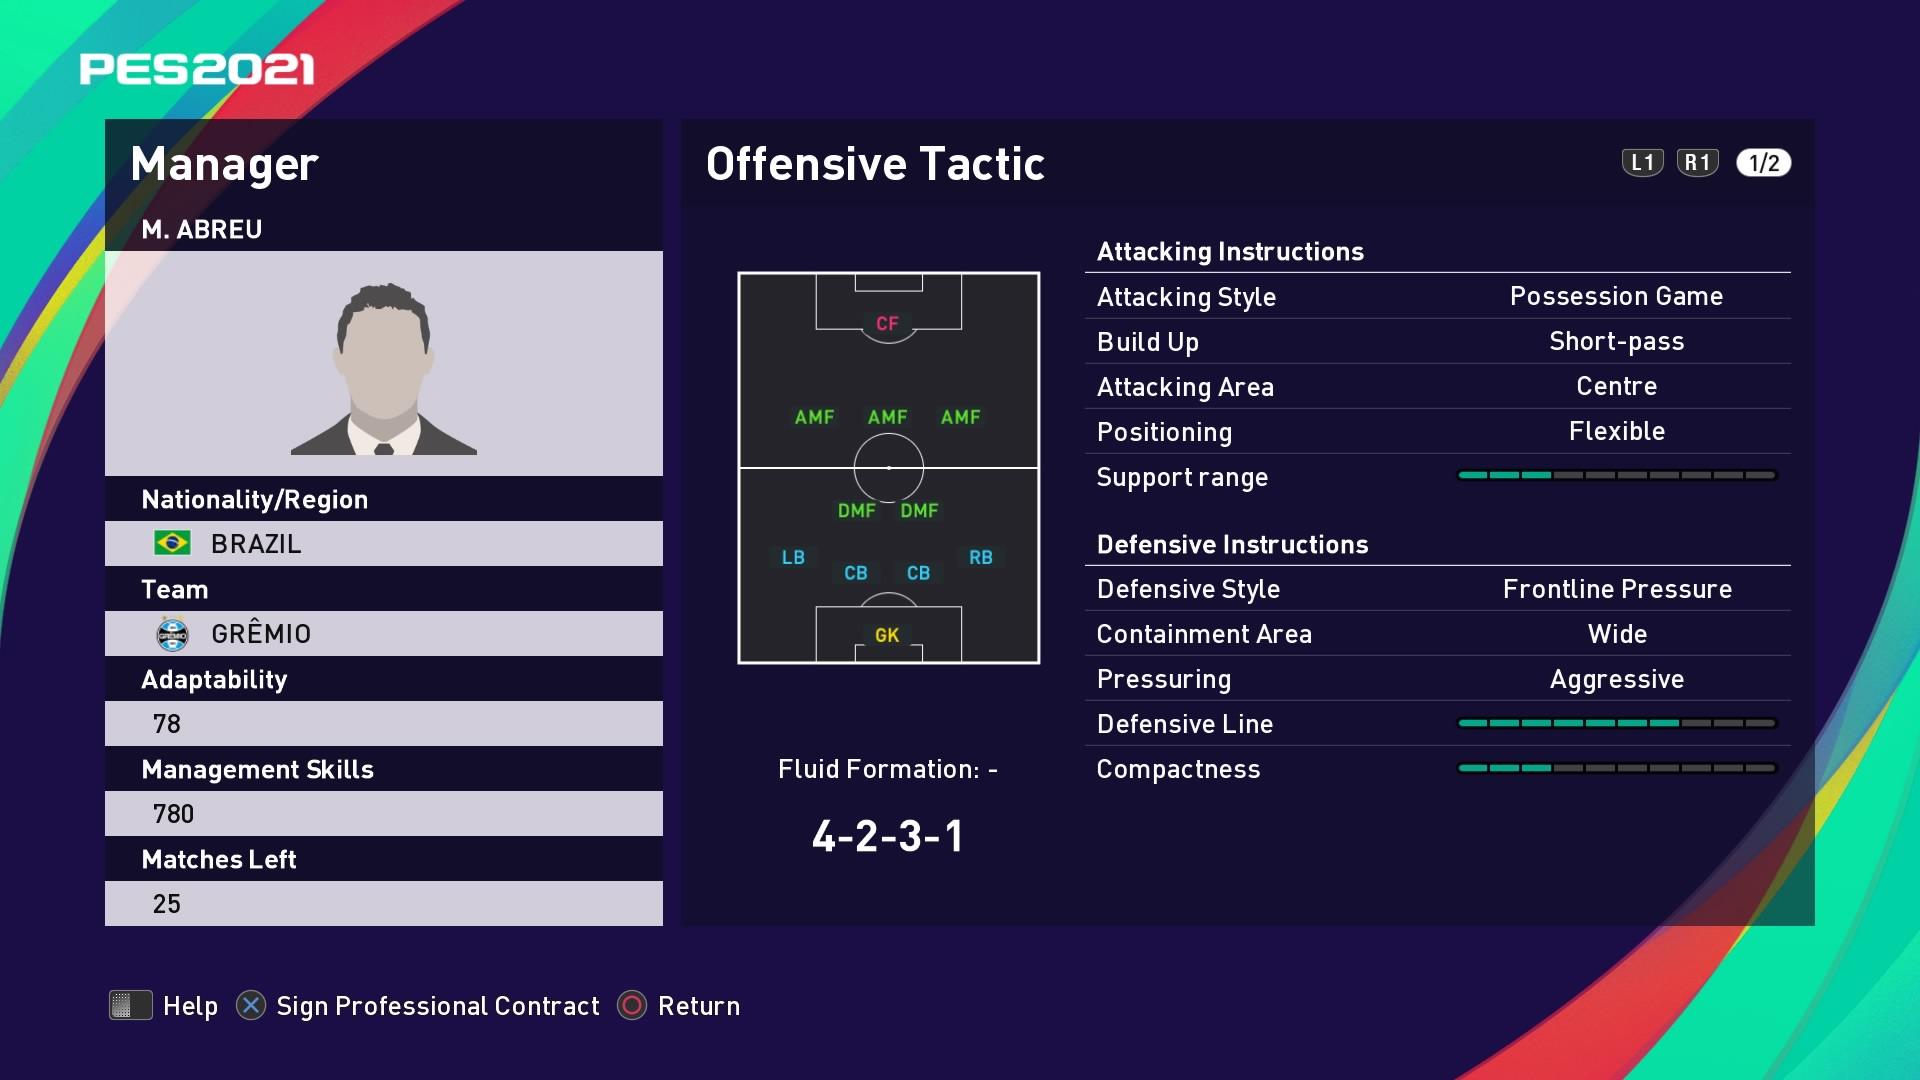 M. Abreu (Renato Portaluppi) Offensive Tactic in PES 2021 myClub